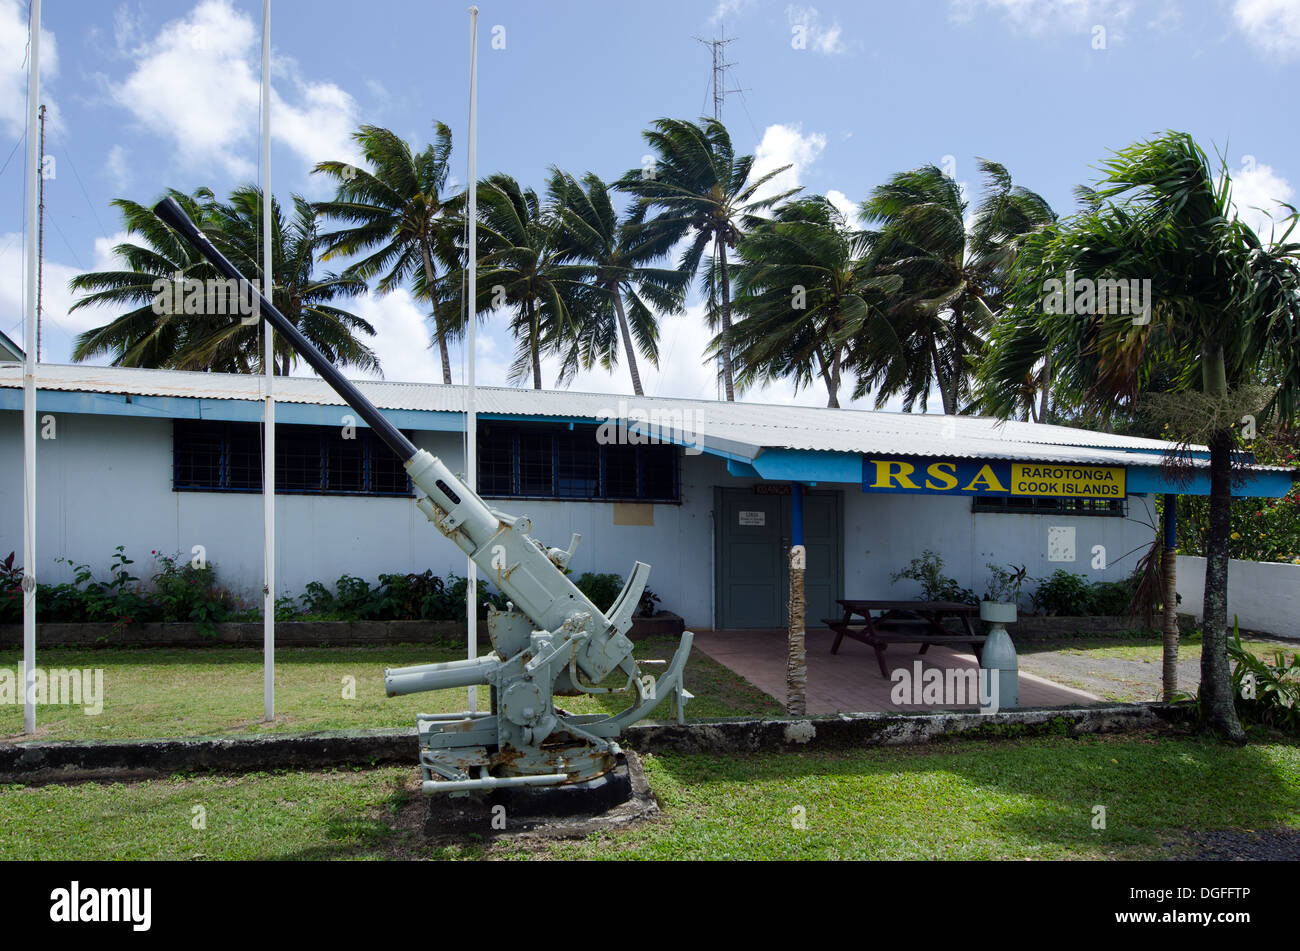 Rarotonga RSA Club in Avarua Rarotonga Cook Islands - Stock Image